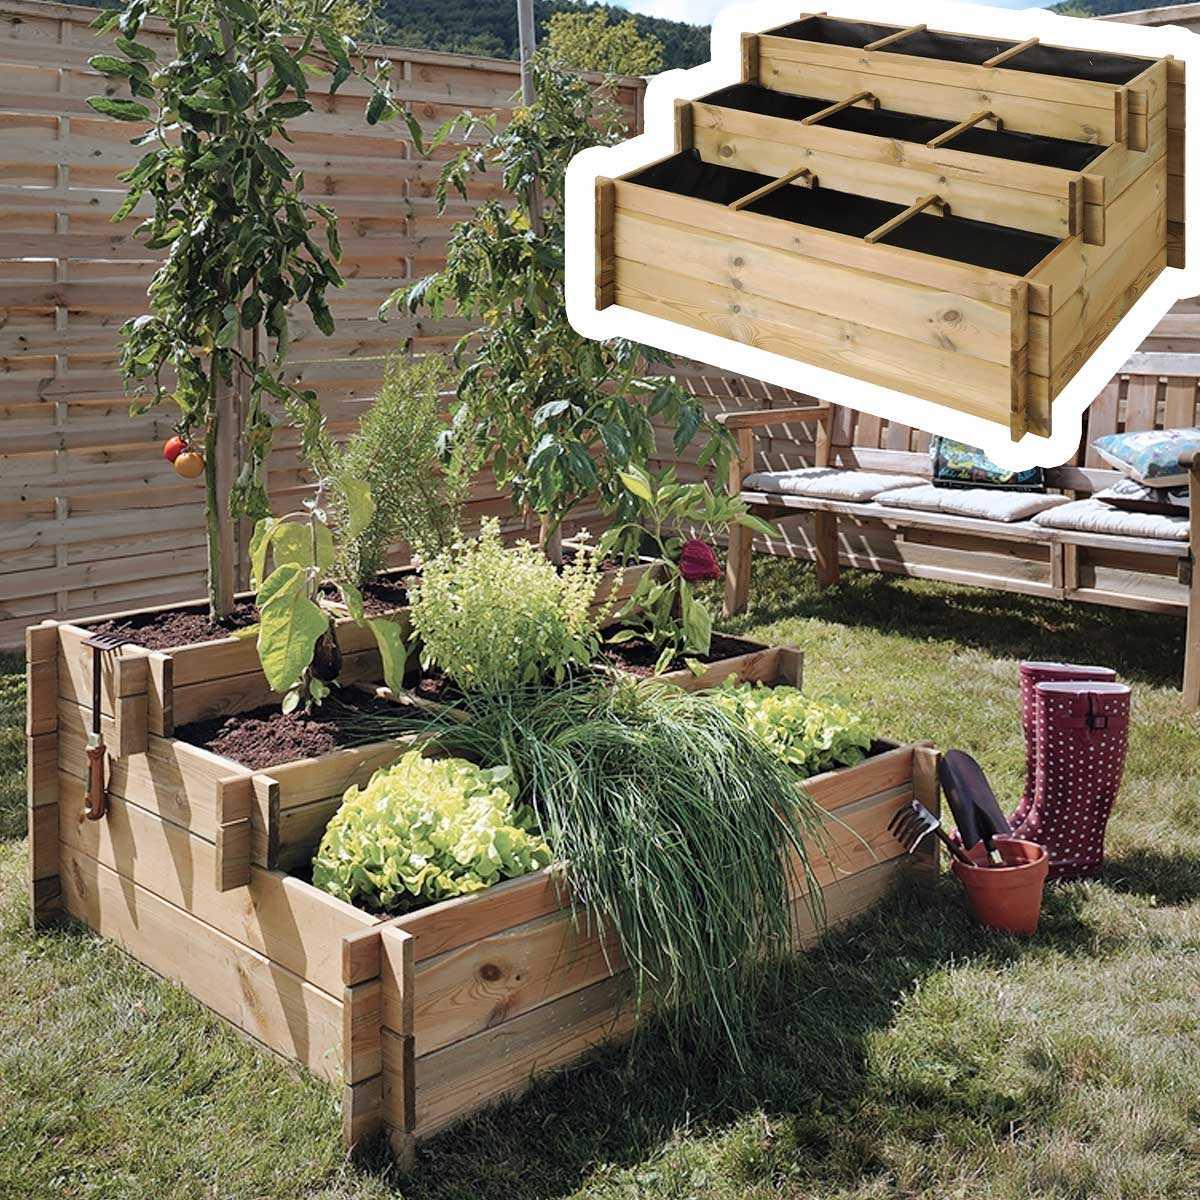 Fabriquer Potager Carré En Bois carré potager 3 étages en bois traité + géotextile